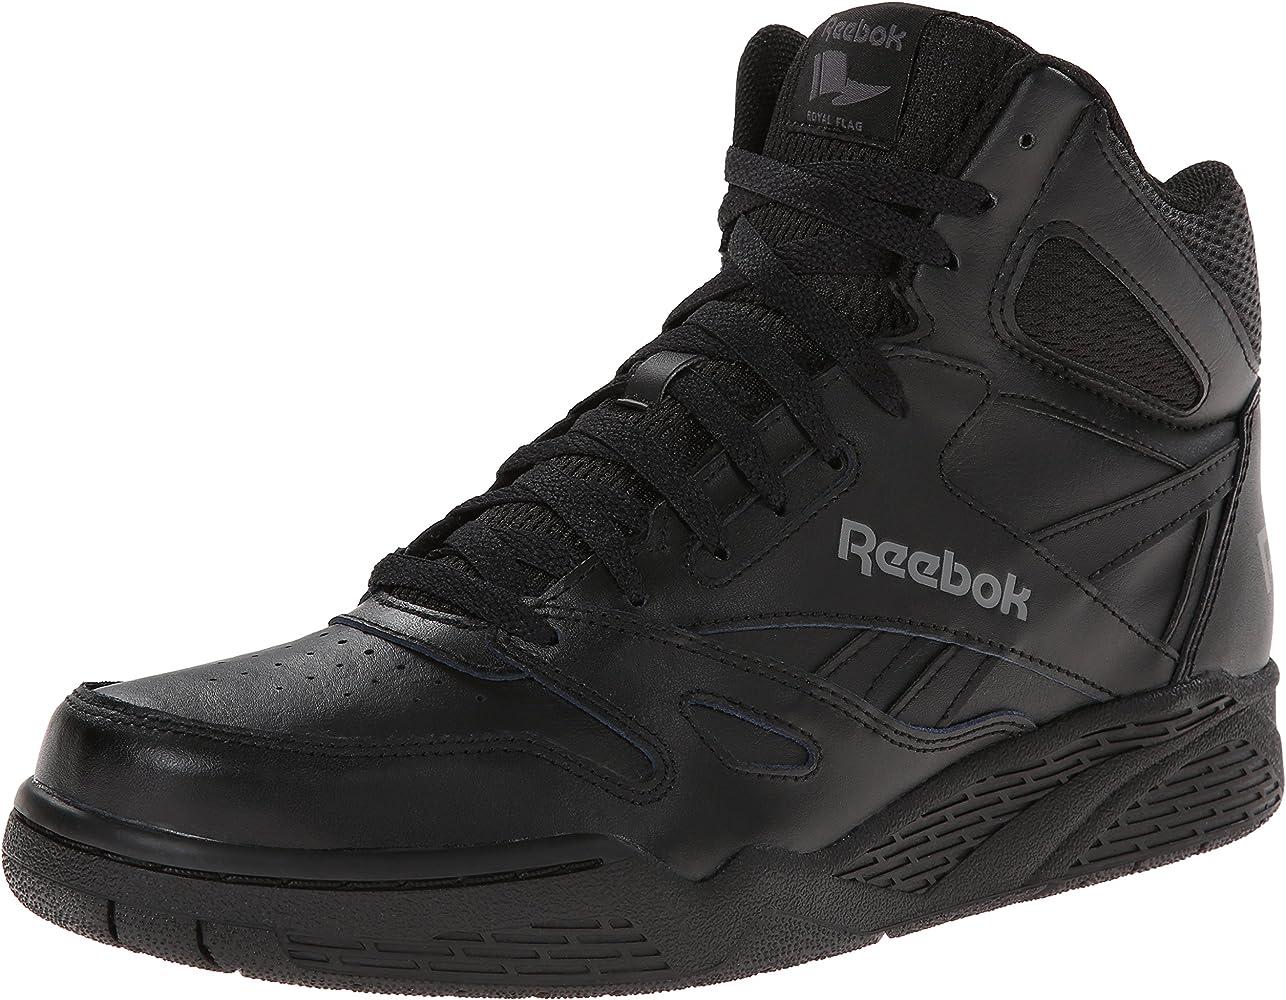 Royal Bb4500 Hi Fashion Sneaker